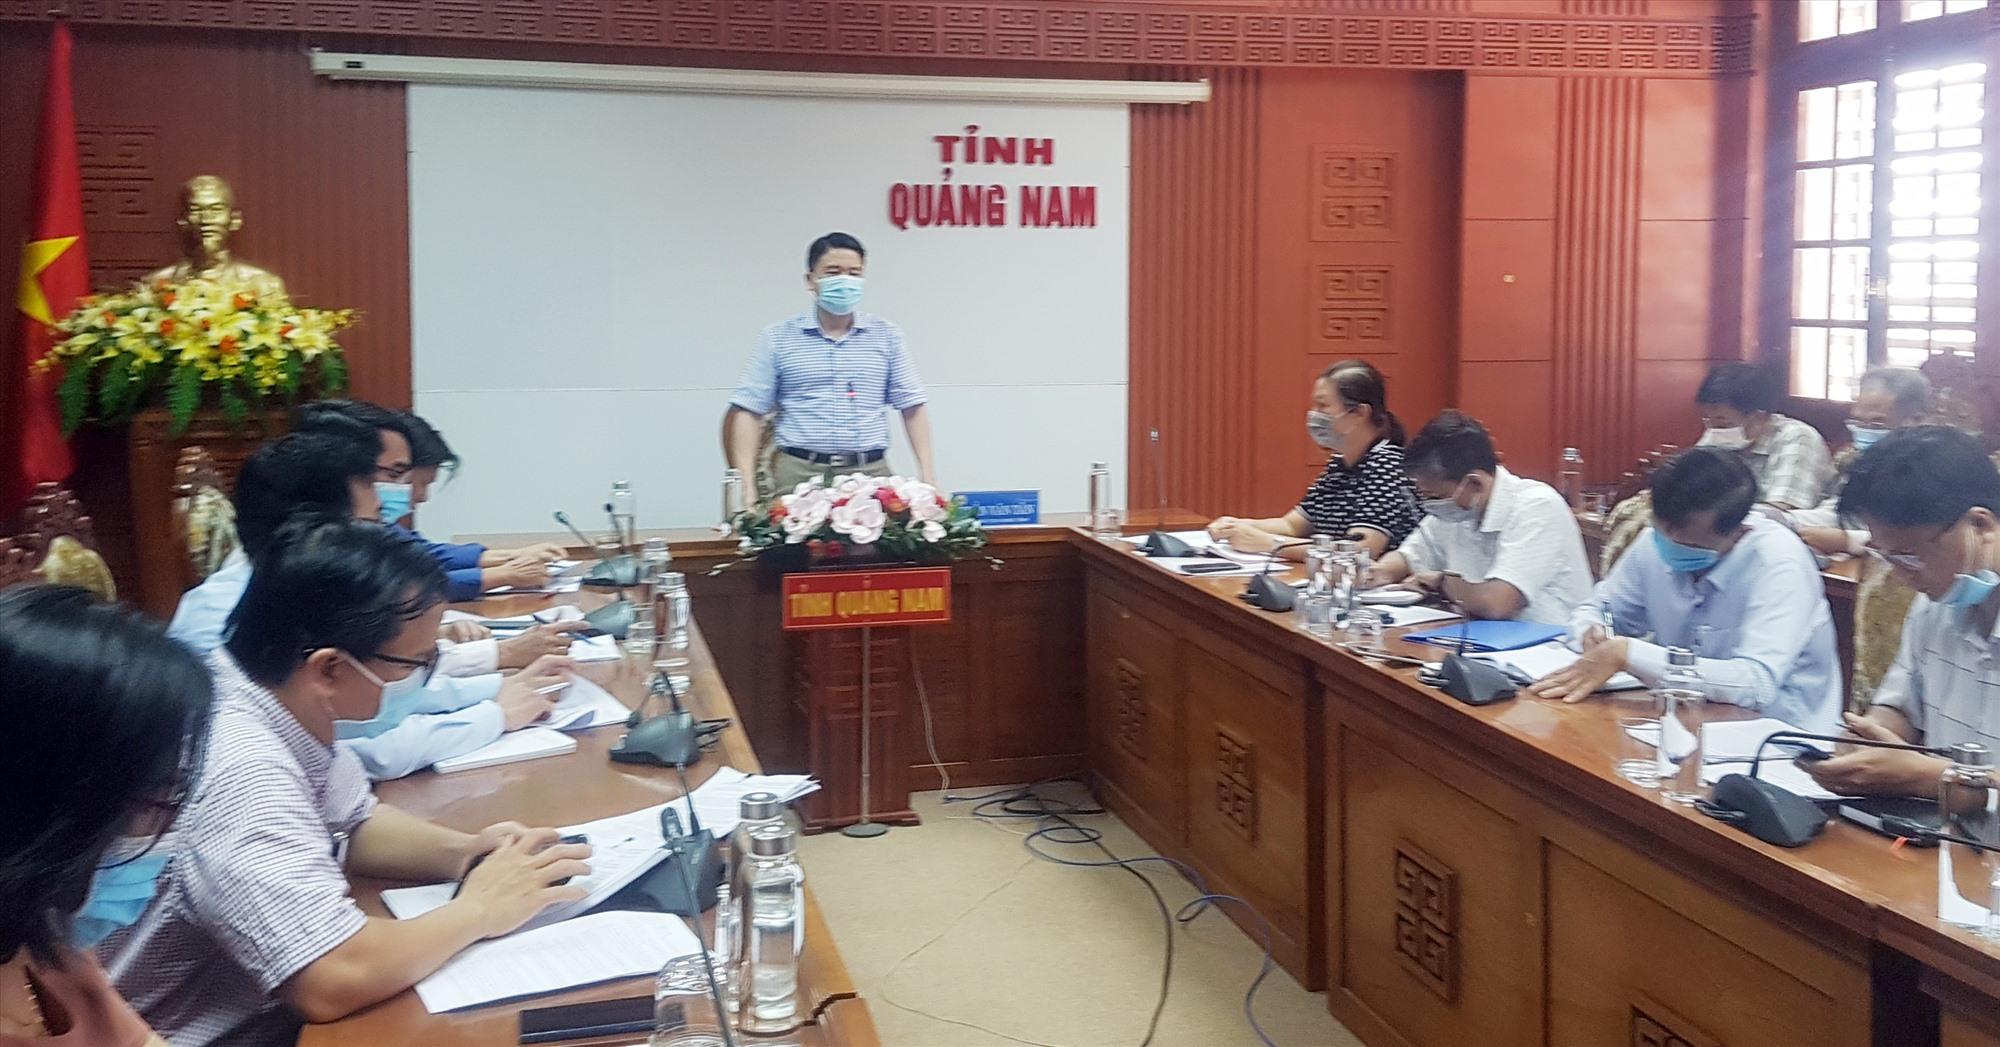 Phó Chủ tịch UBND tỉnh Trần Văn Tân chủ trì buổi làm việc với Trường Cao đẳng Quảng Nam. Ảnh: D.L